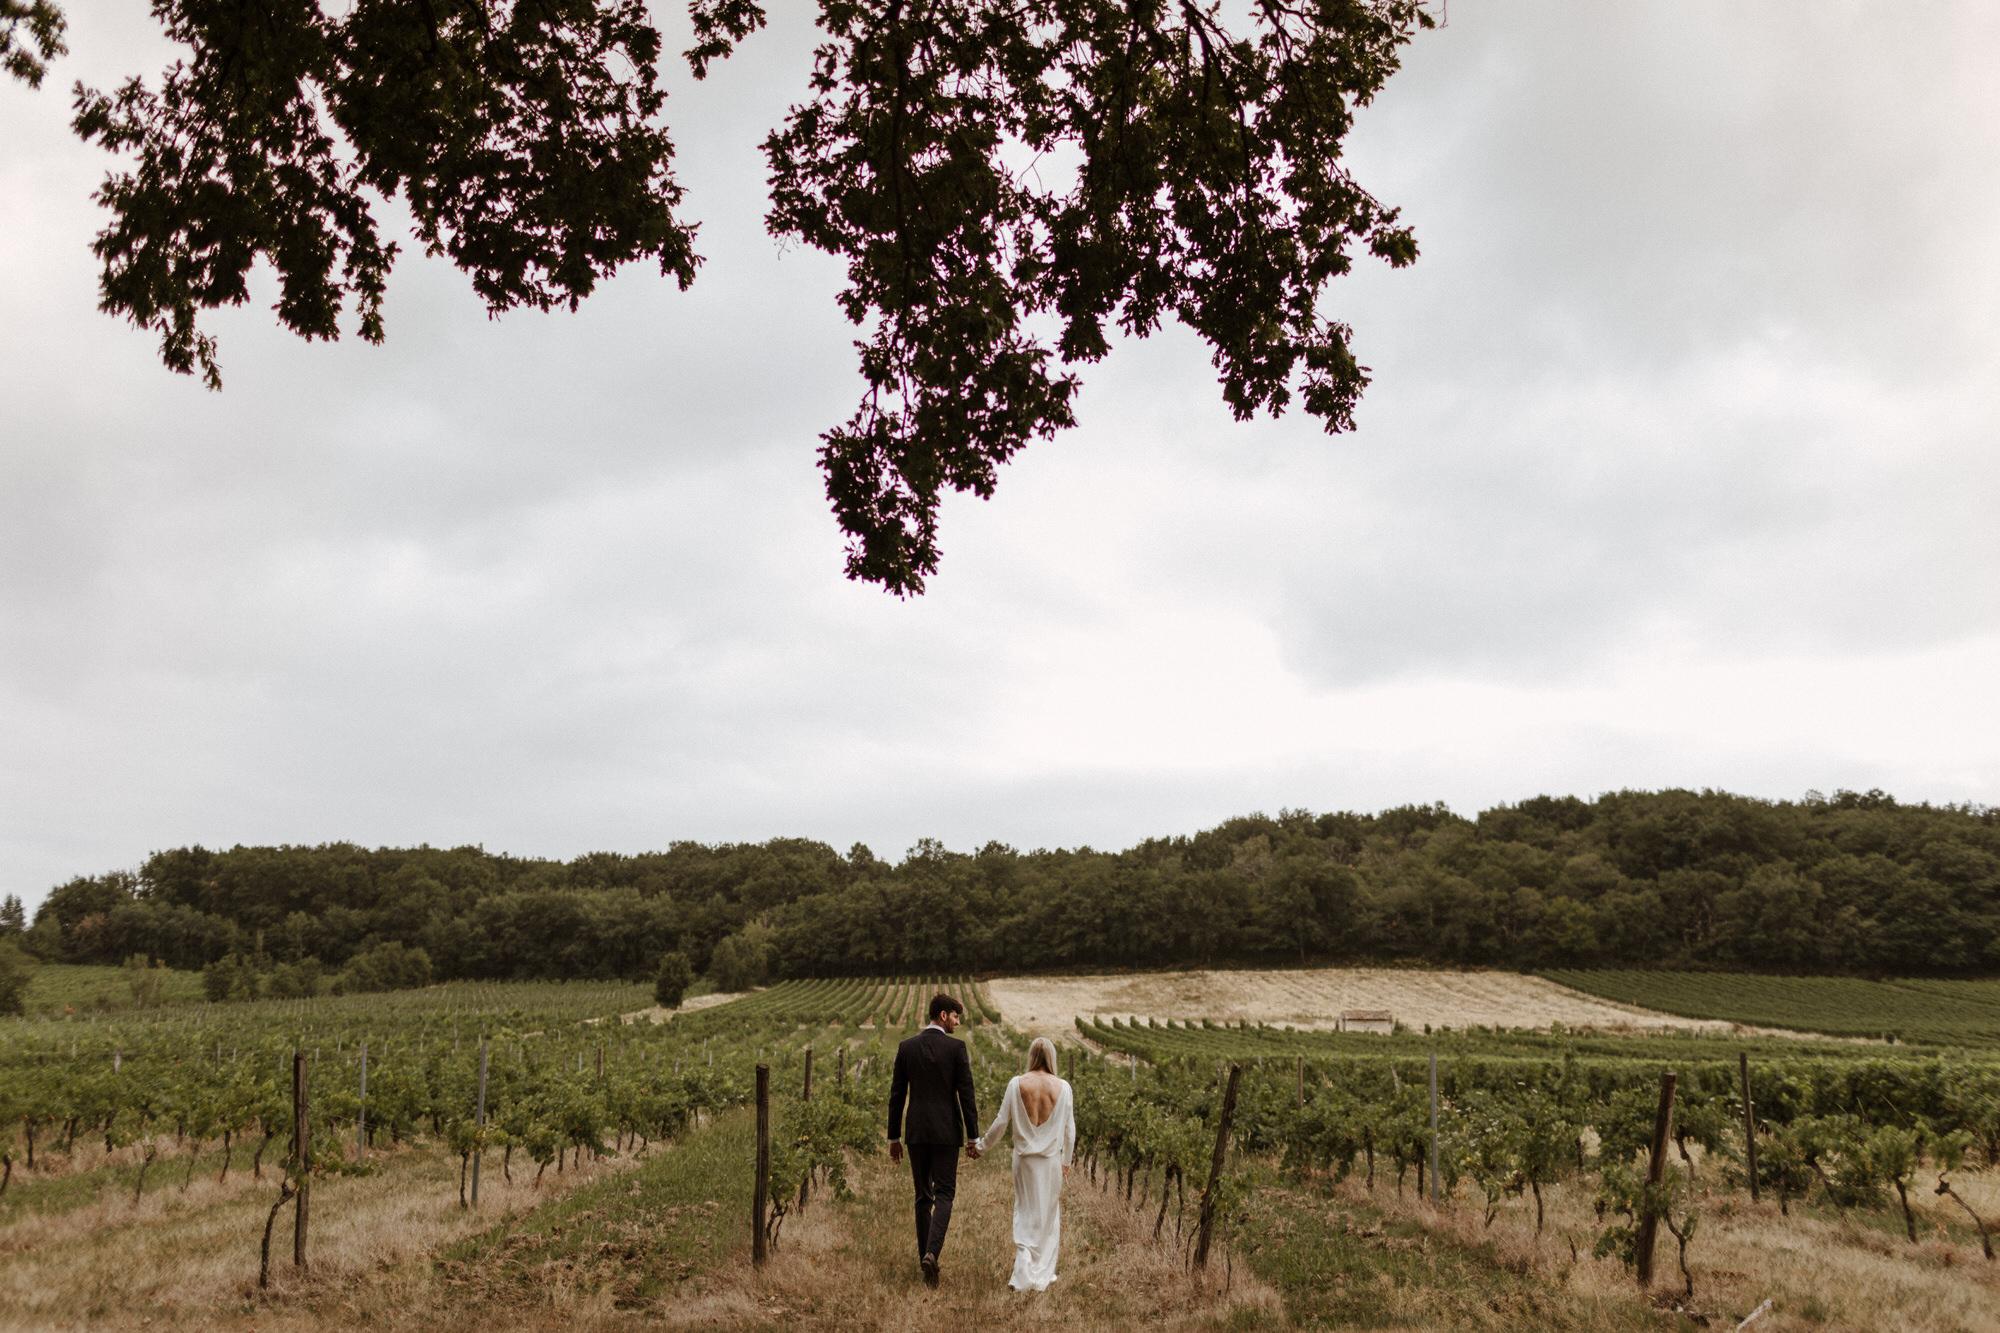 Chateau Rigaud Wedding Photography 17-20-28-CQ2A3566-R+L.jpg